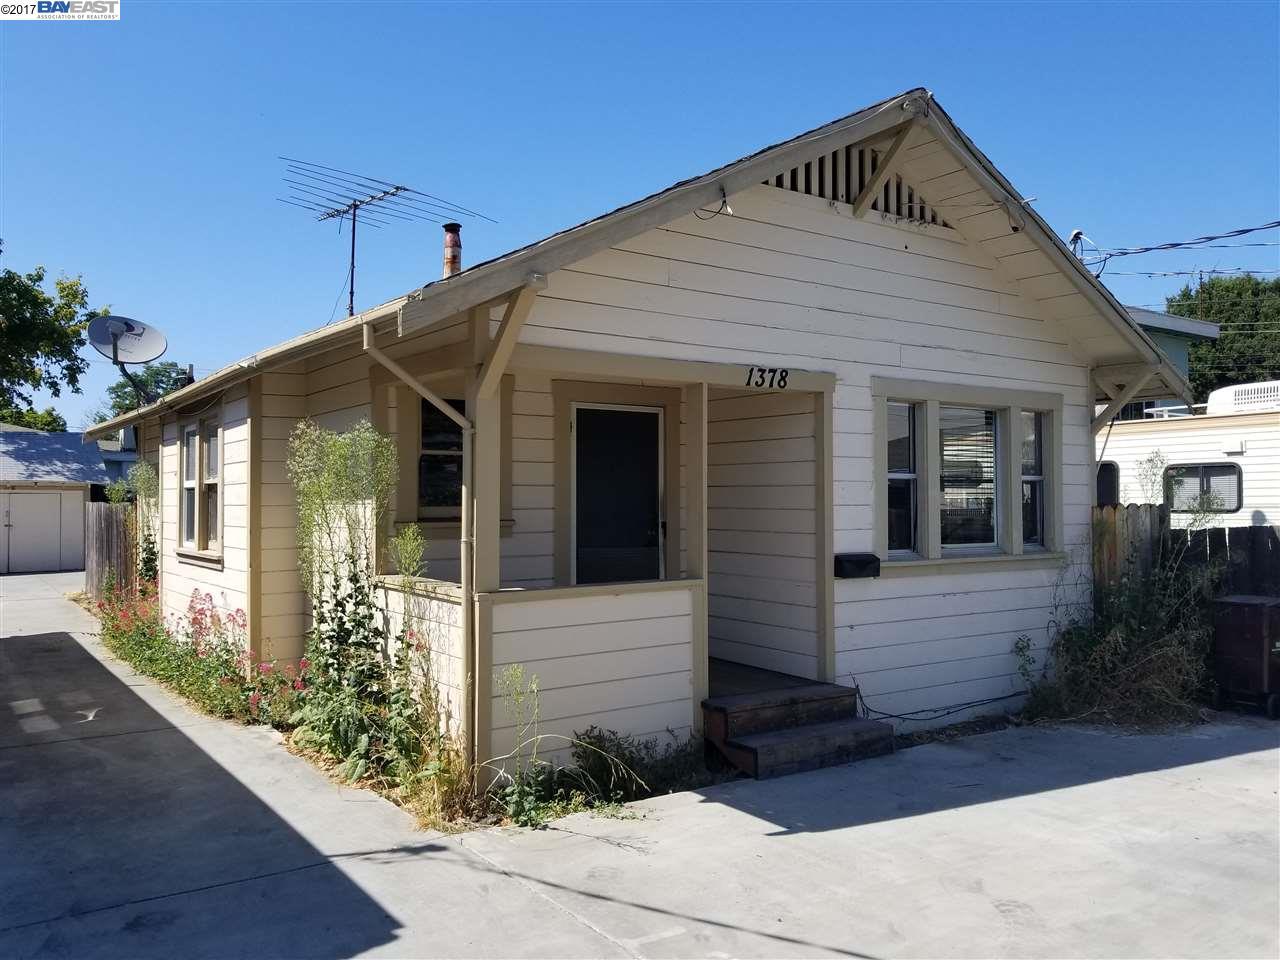 一戸建て のために 売買 アット 1378 B Street Hayward, カリフォルニア 94541 アメリカ合衆国